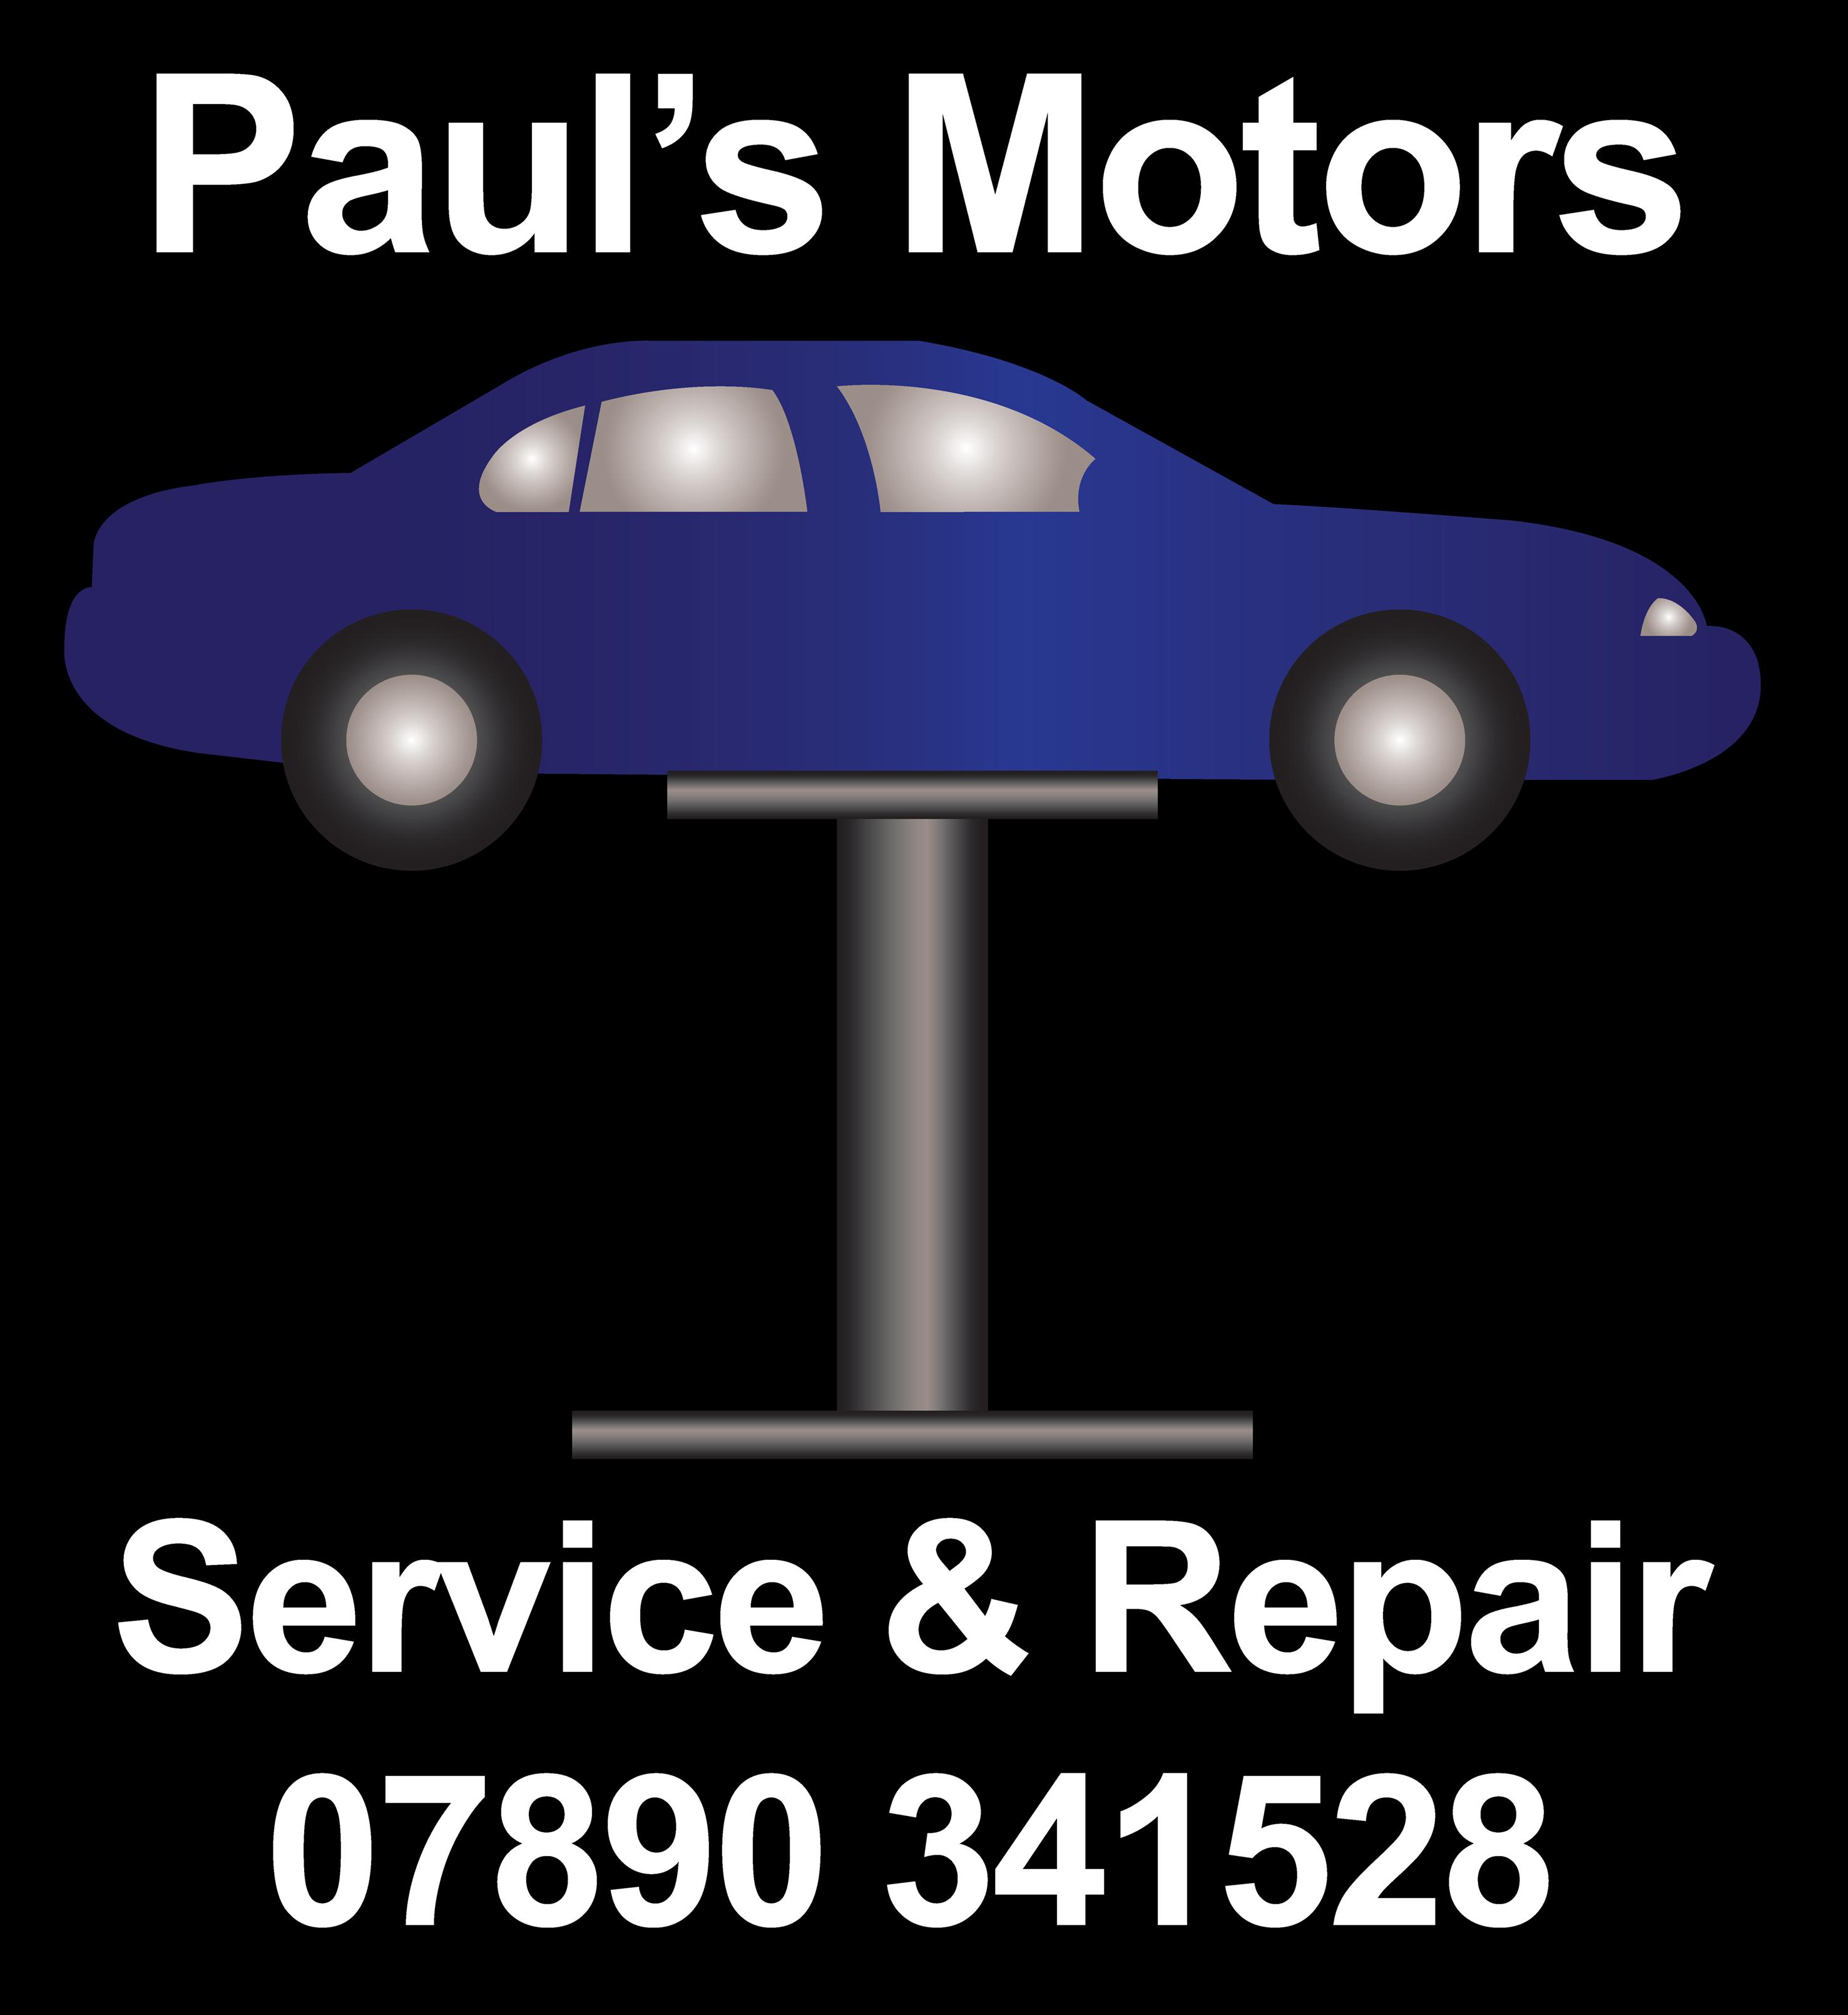 Paul's Motors